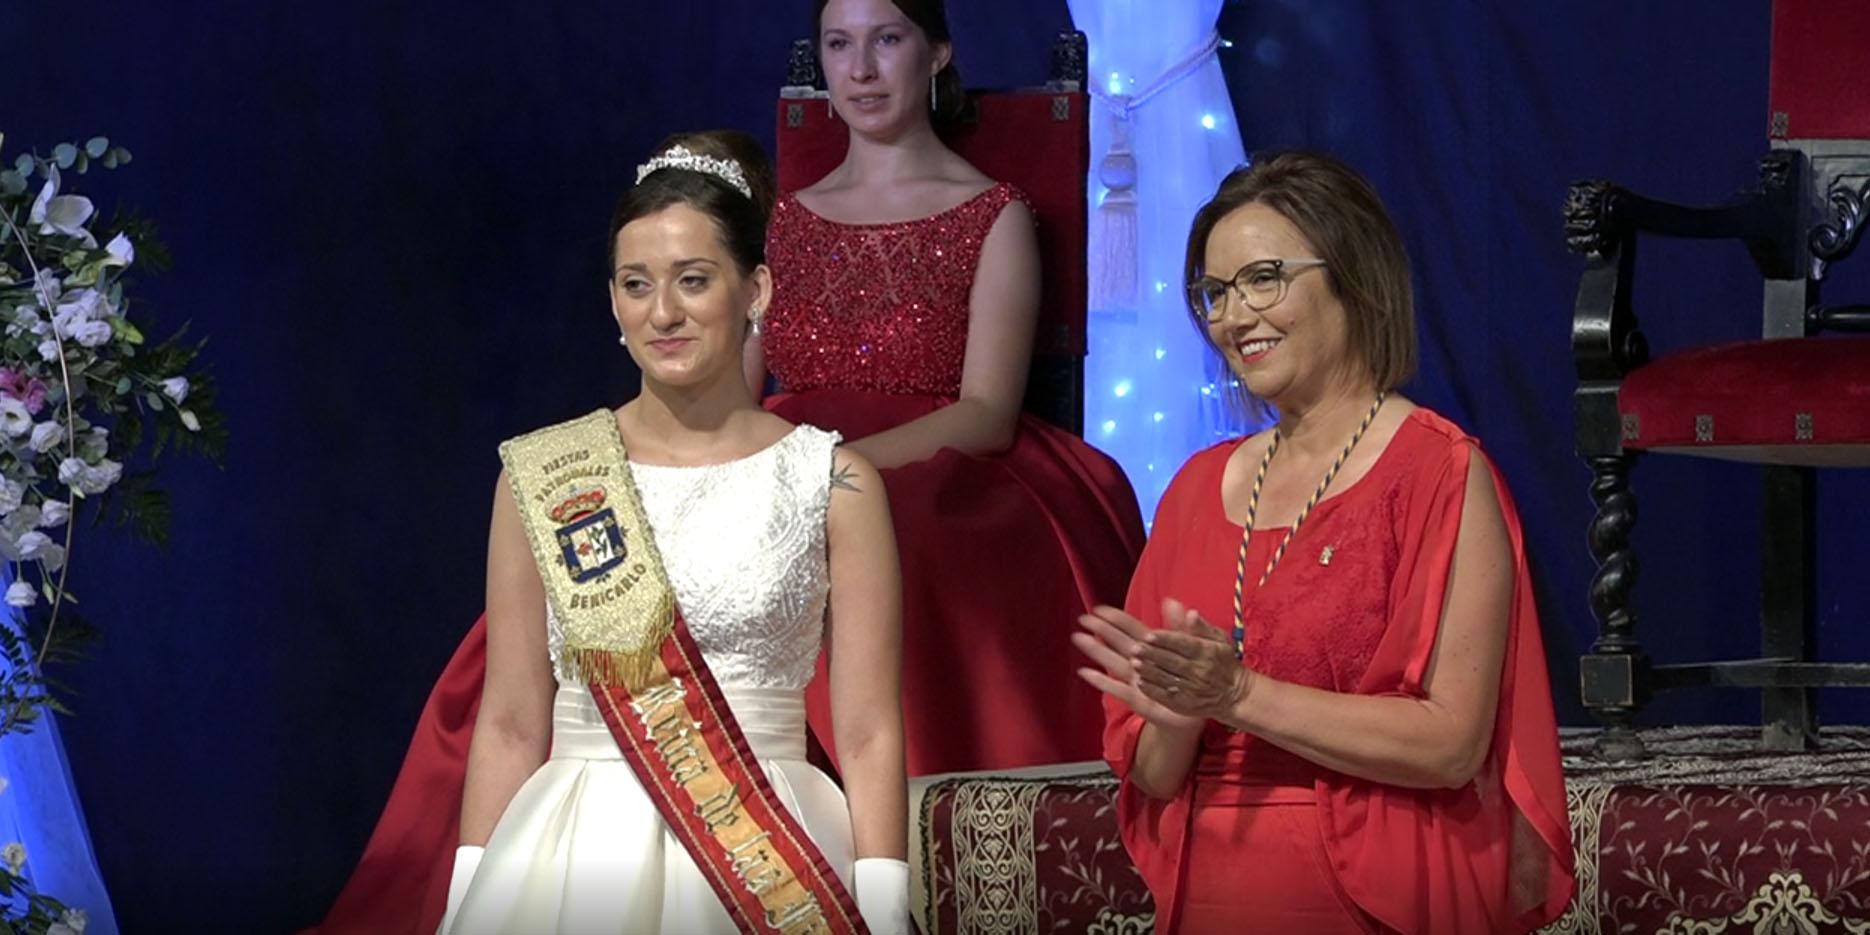 Benicarló, comencen les Festes Patronals amb la proclamació de la reina, Cort d'Honor i Dulcinea